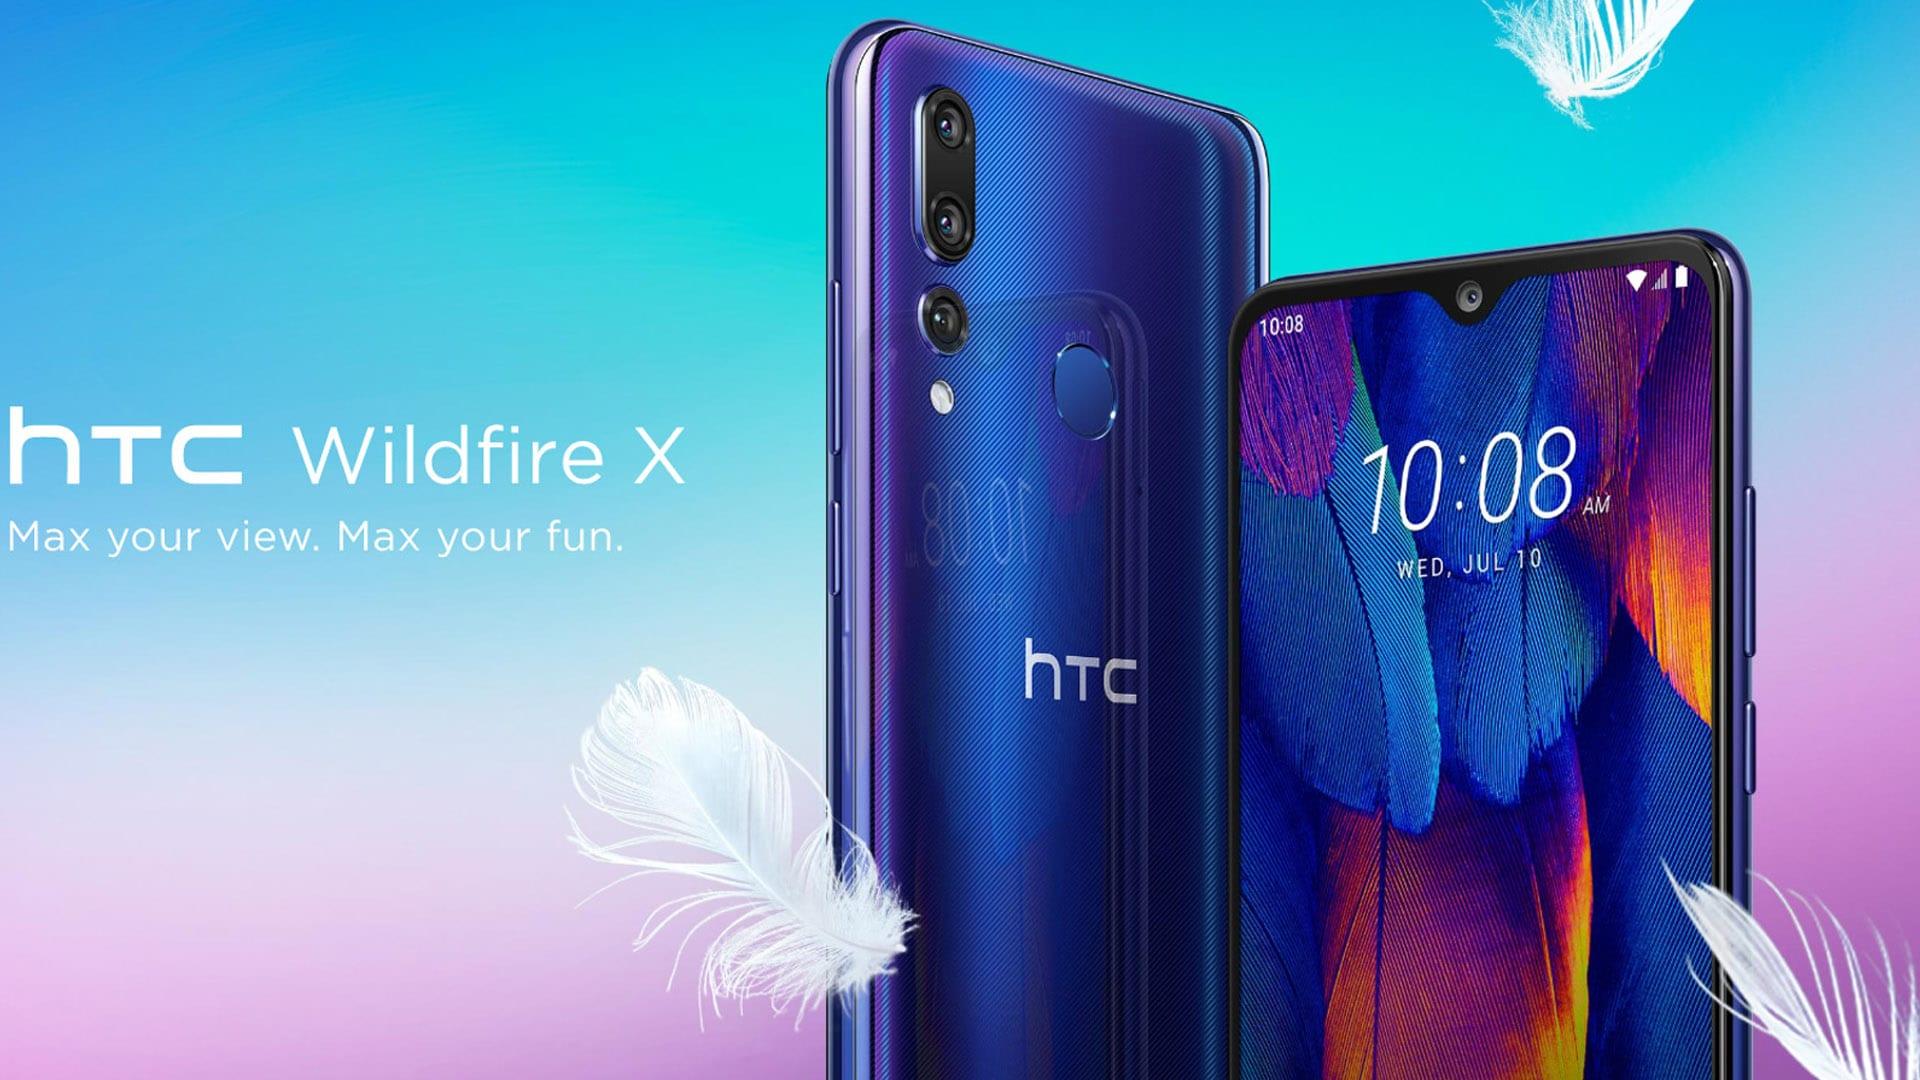 شركة HTC تؤكد أنها لم تنسحب من سوق الهواتف الذكية وتخطط للعودة بهواتف جديدة